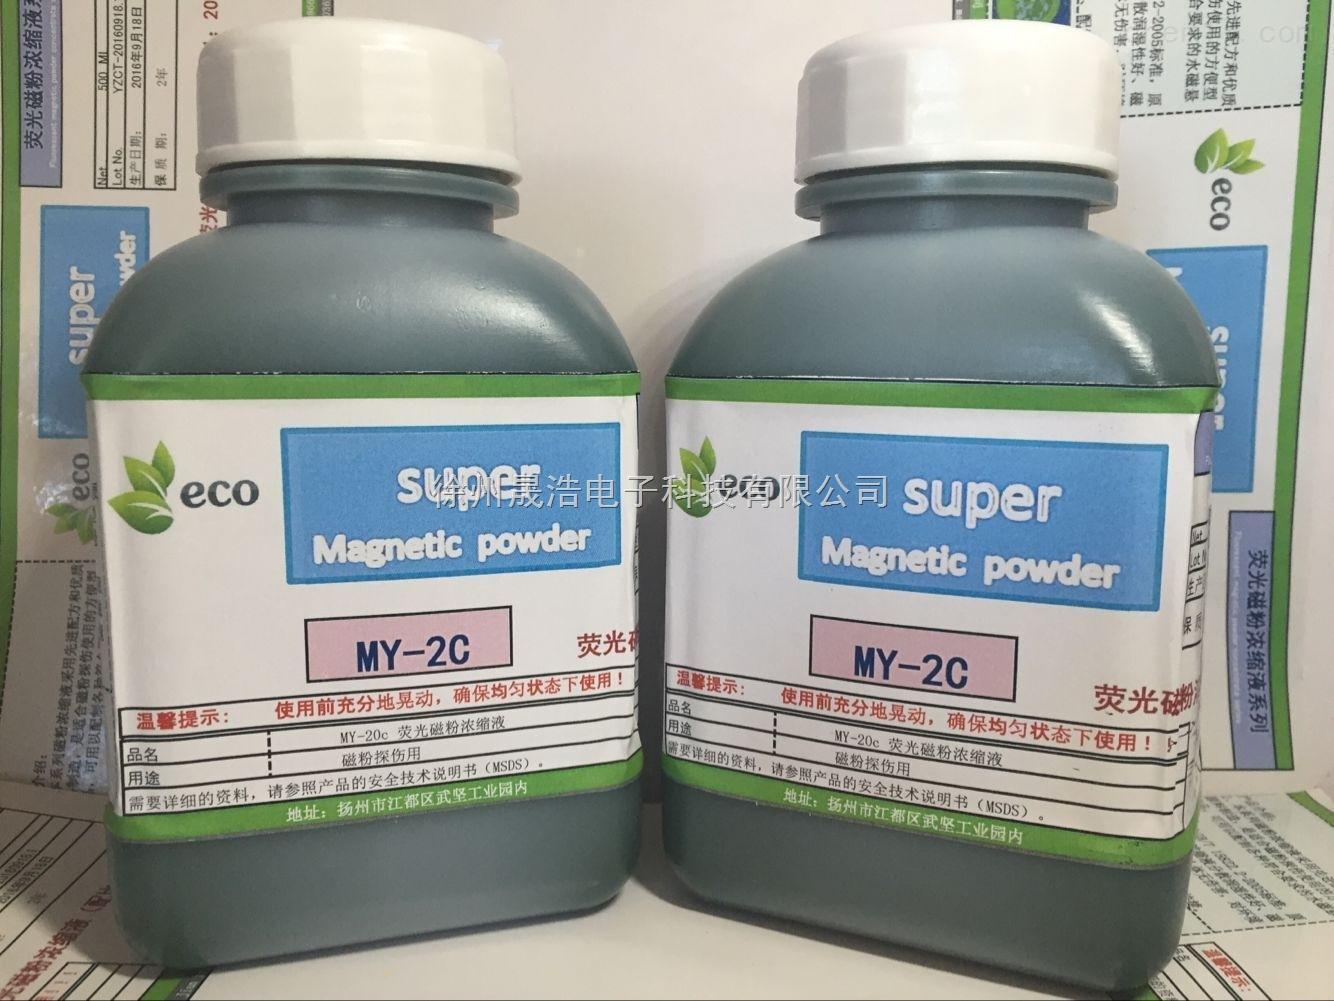 MY-20C-eco环保型荧光磁粉浓缩液